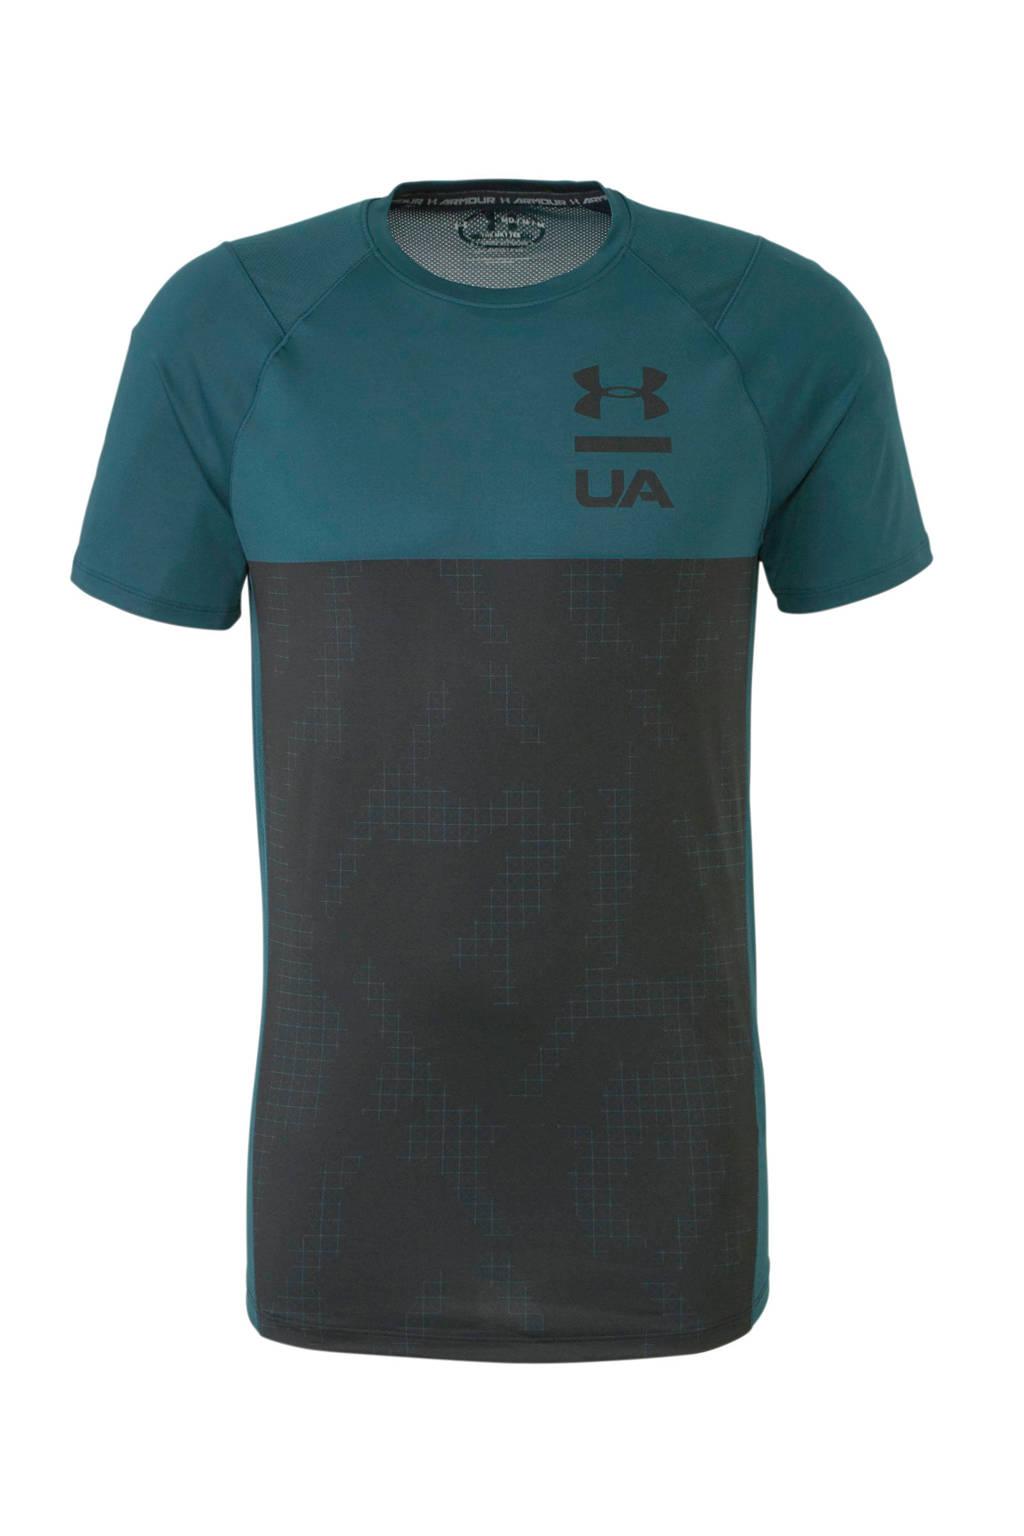 Under Armour   T-shirt donkergroen/zwart, Donkergroen/zwart